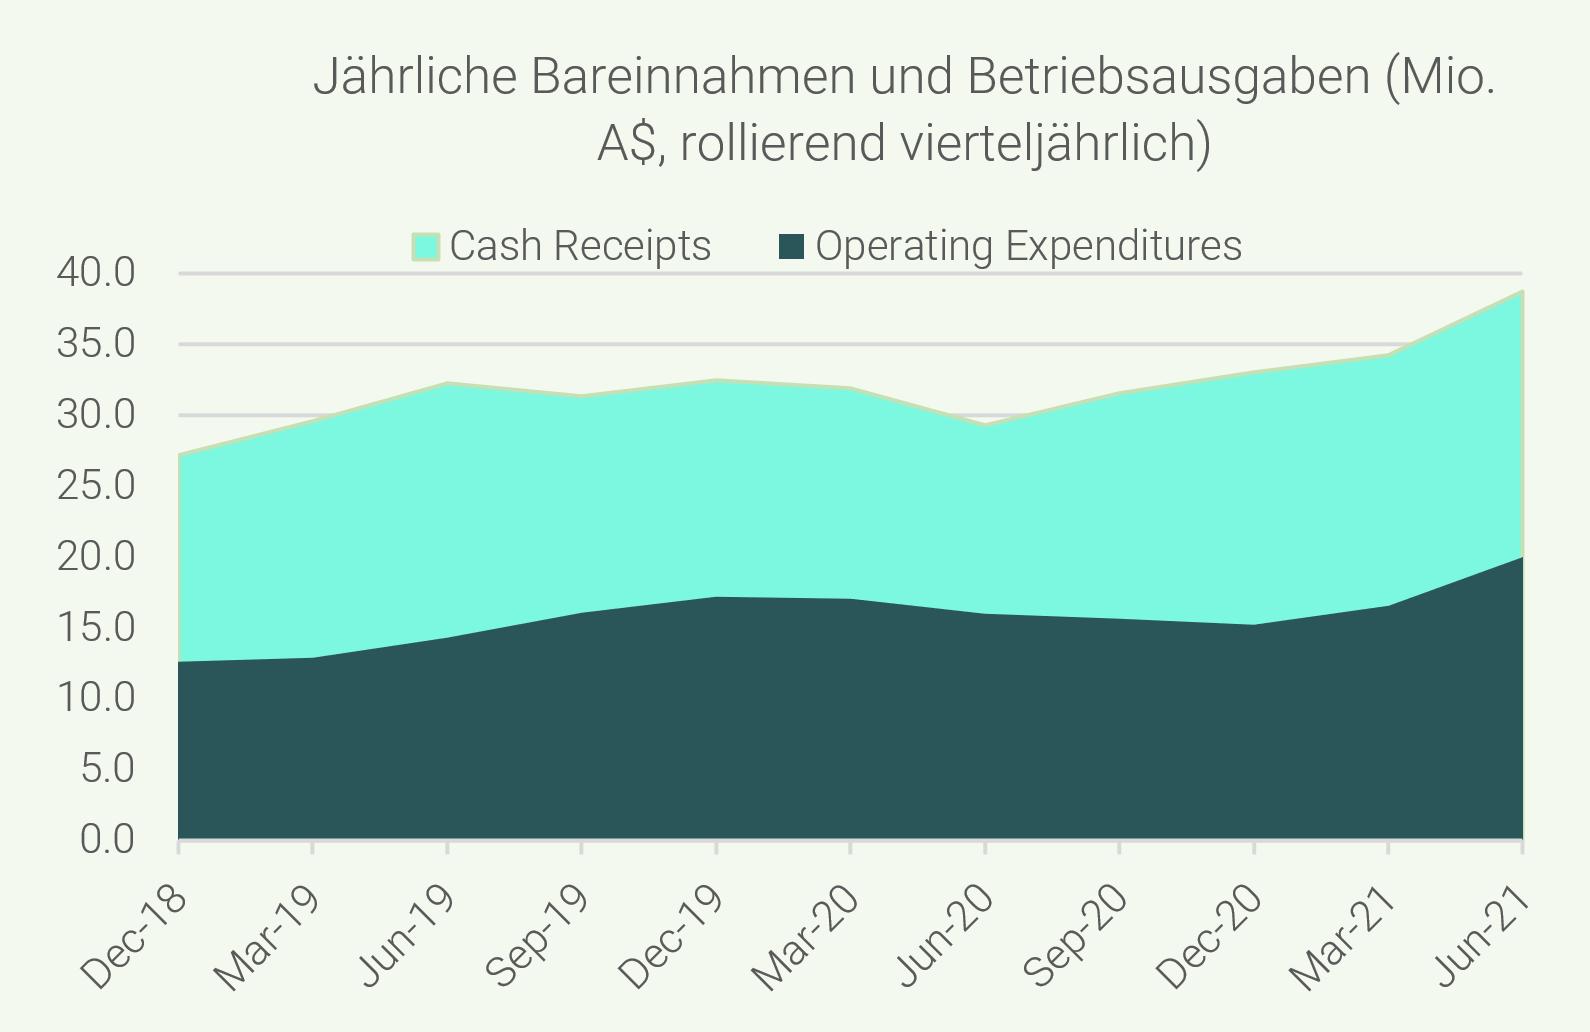 Graph - Jährliche Bareinnahmen und Betriebsausgaben (Mio. A$, rollierend vierteljährlich)